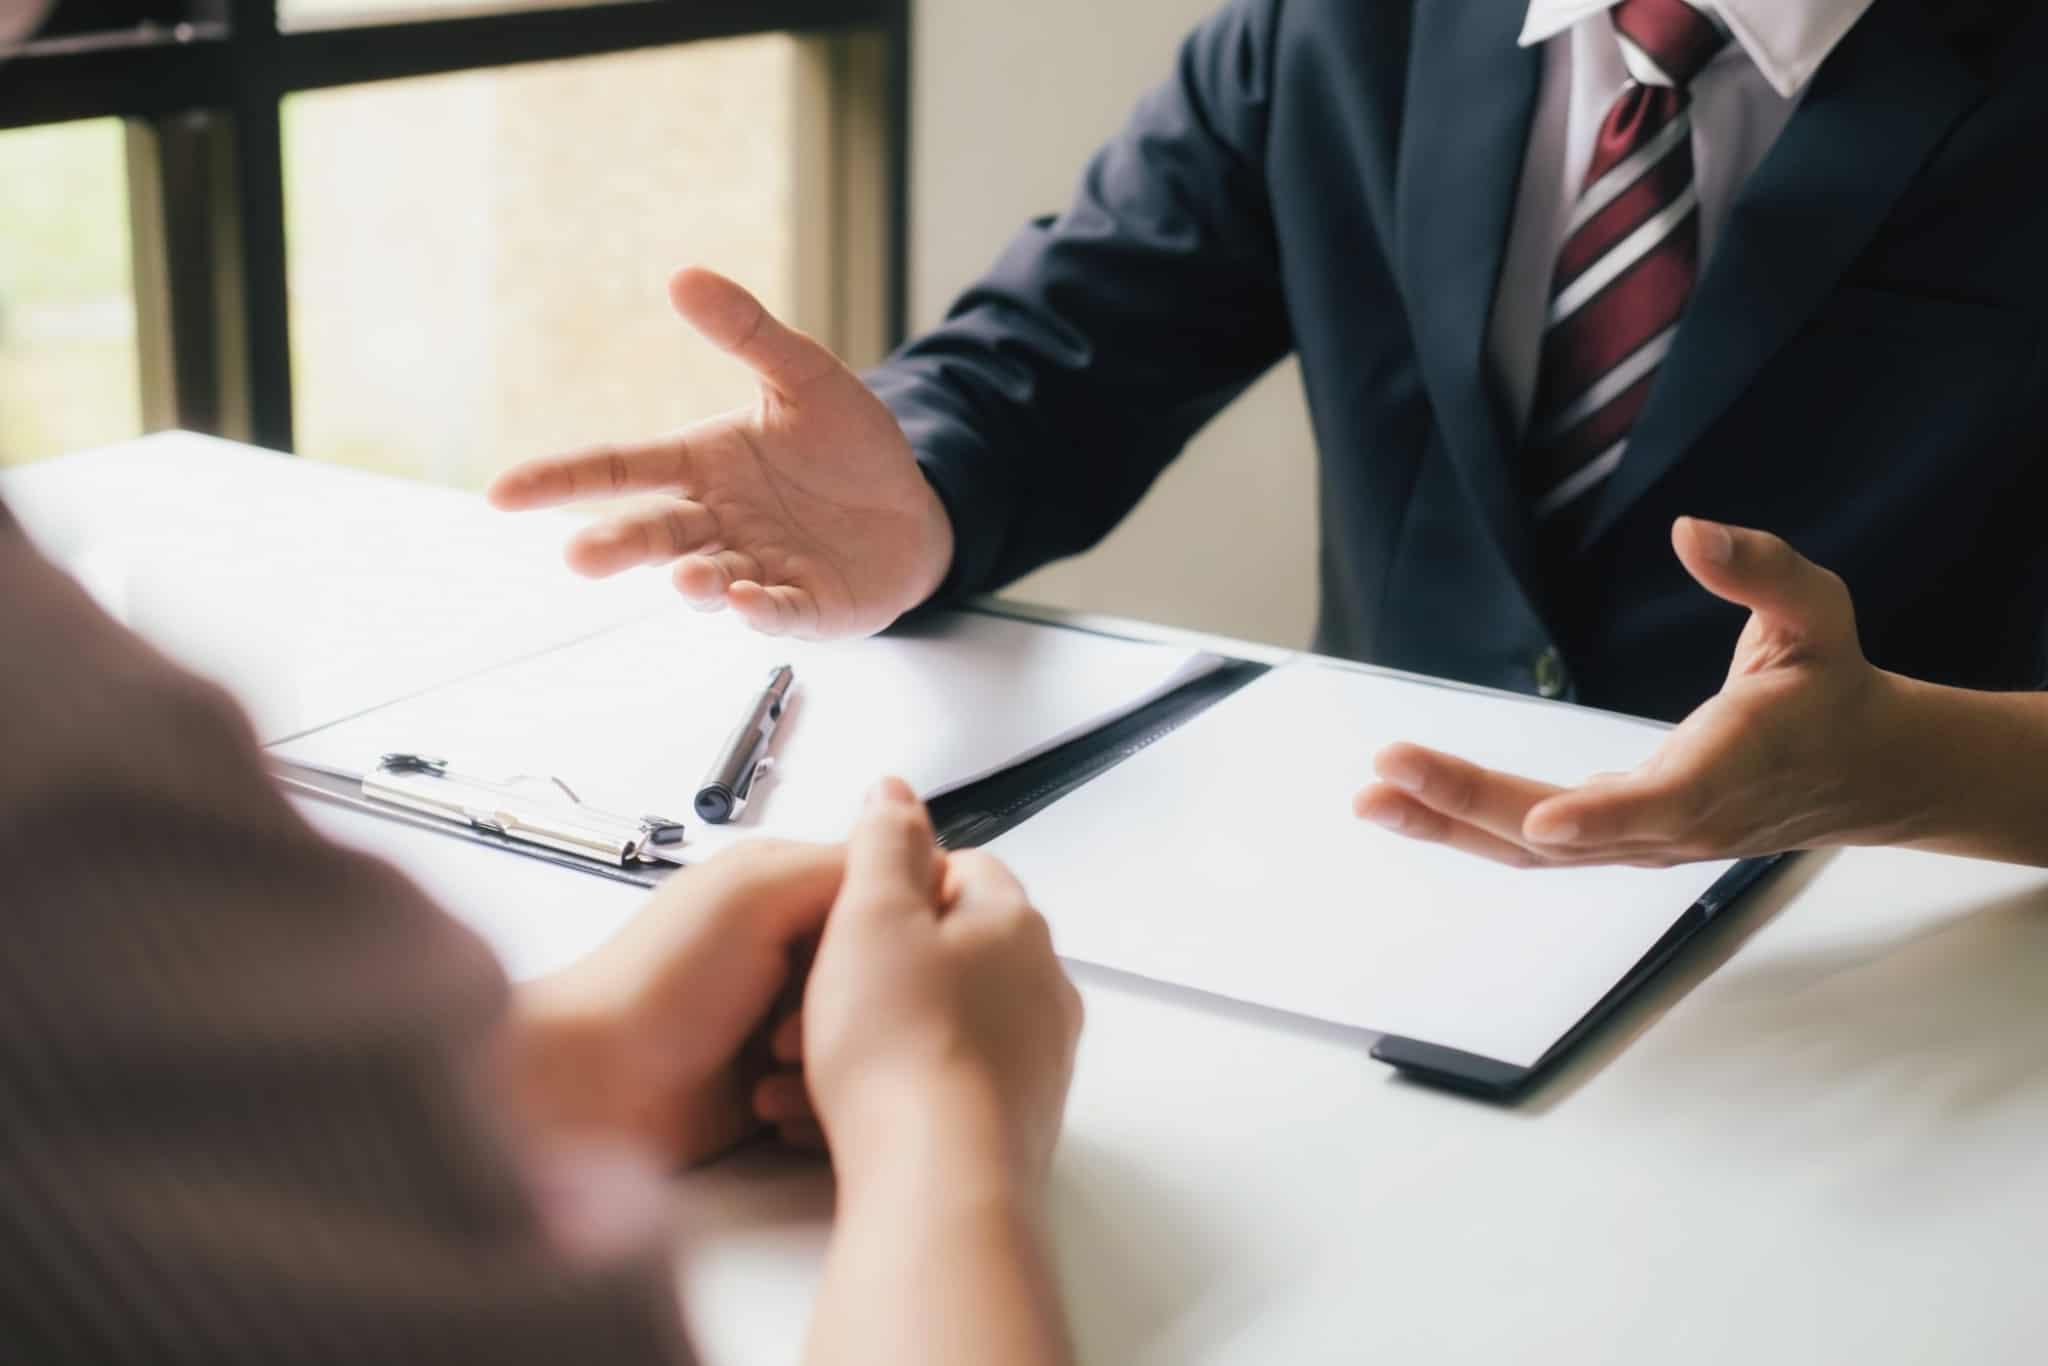 negociador a falar com o seu cliente